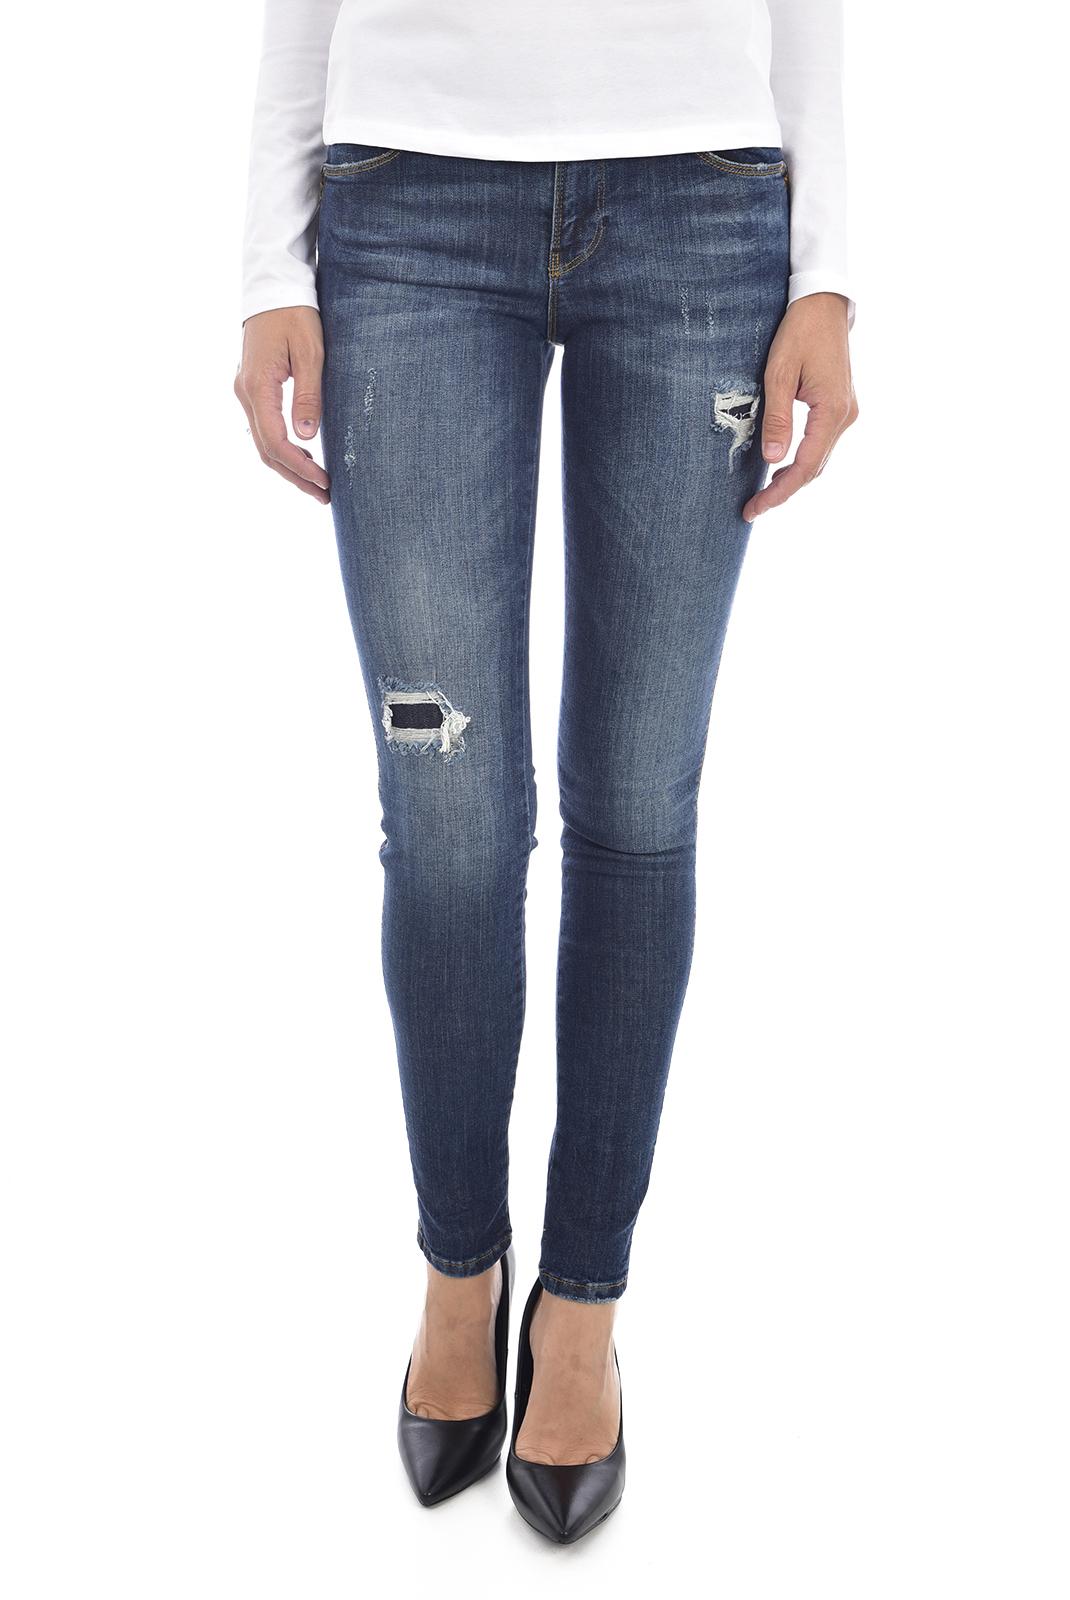 Jeans   Guess jeans W73AJ2 D24D1 CURVE X DTDR